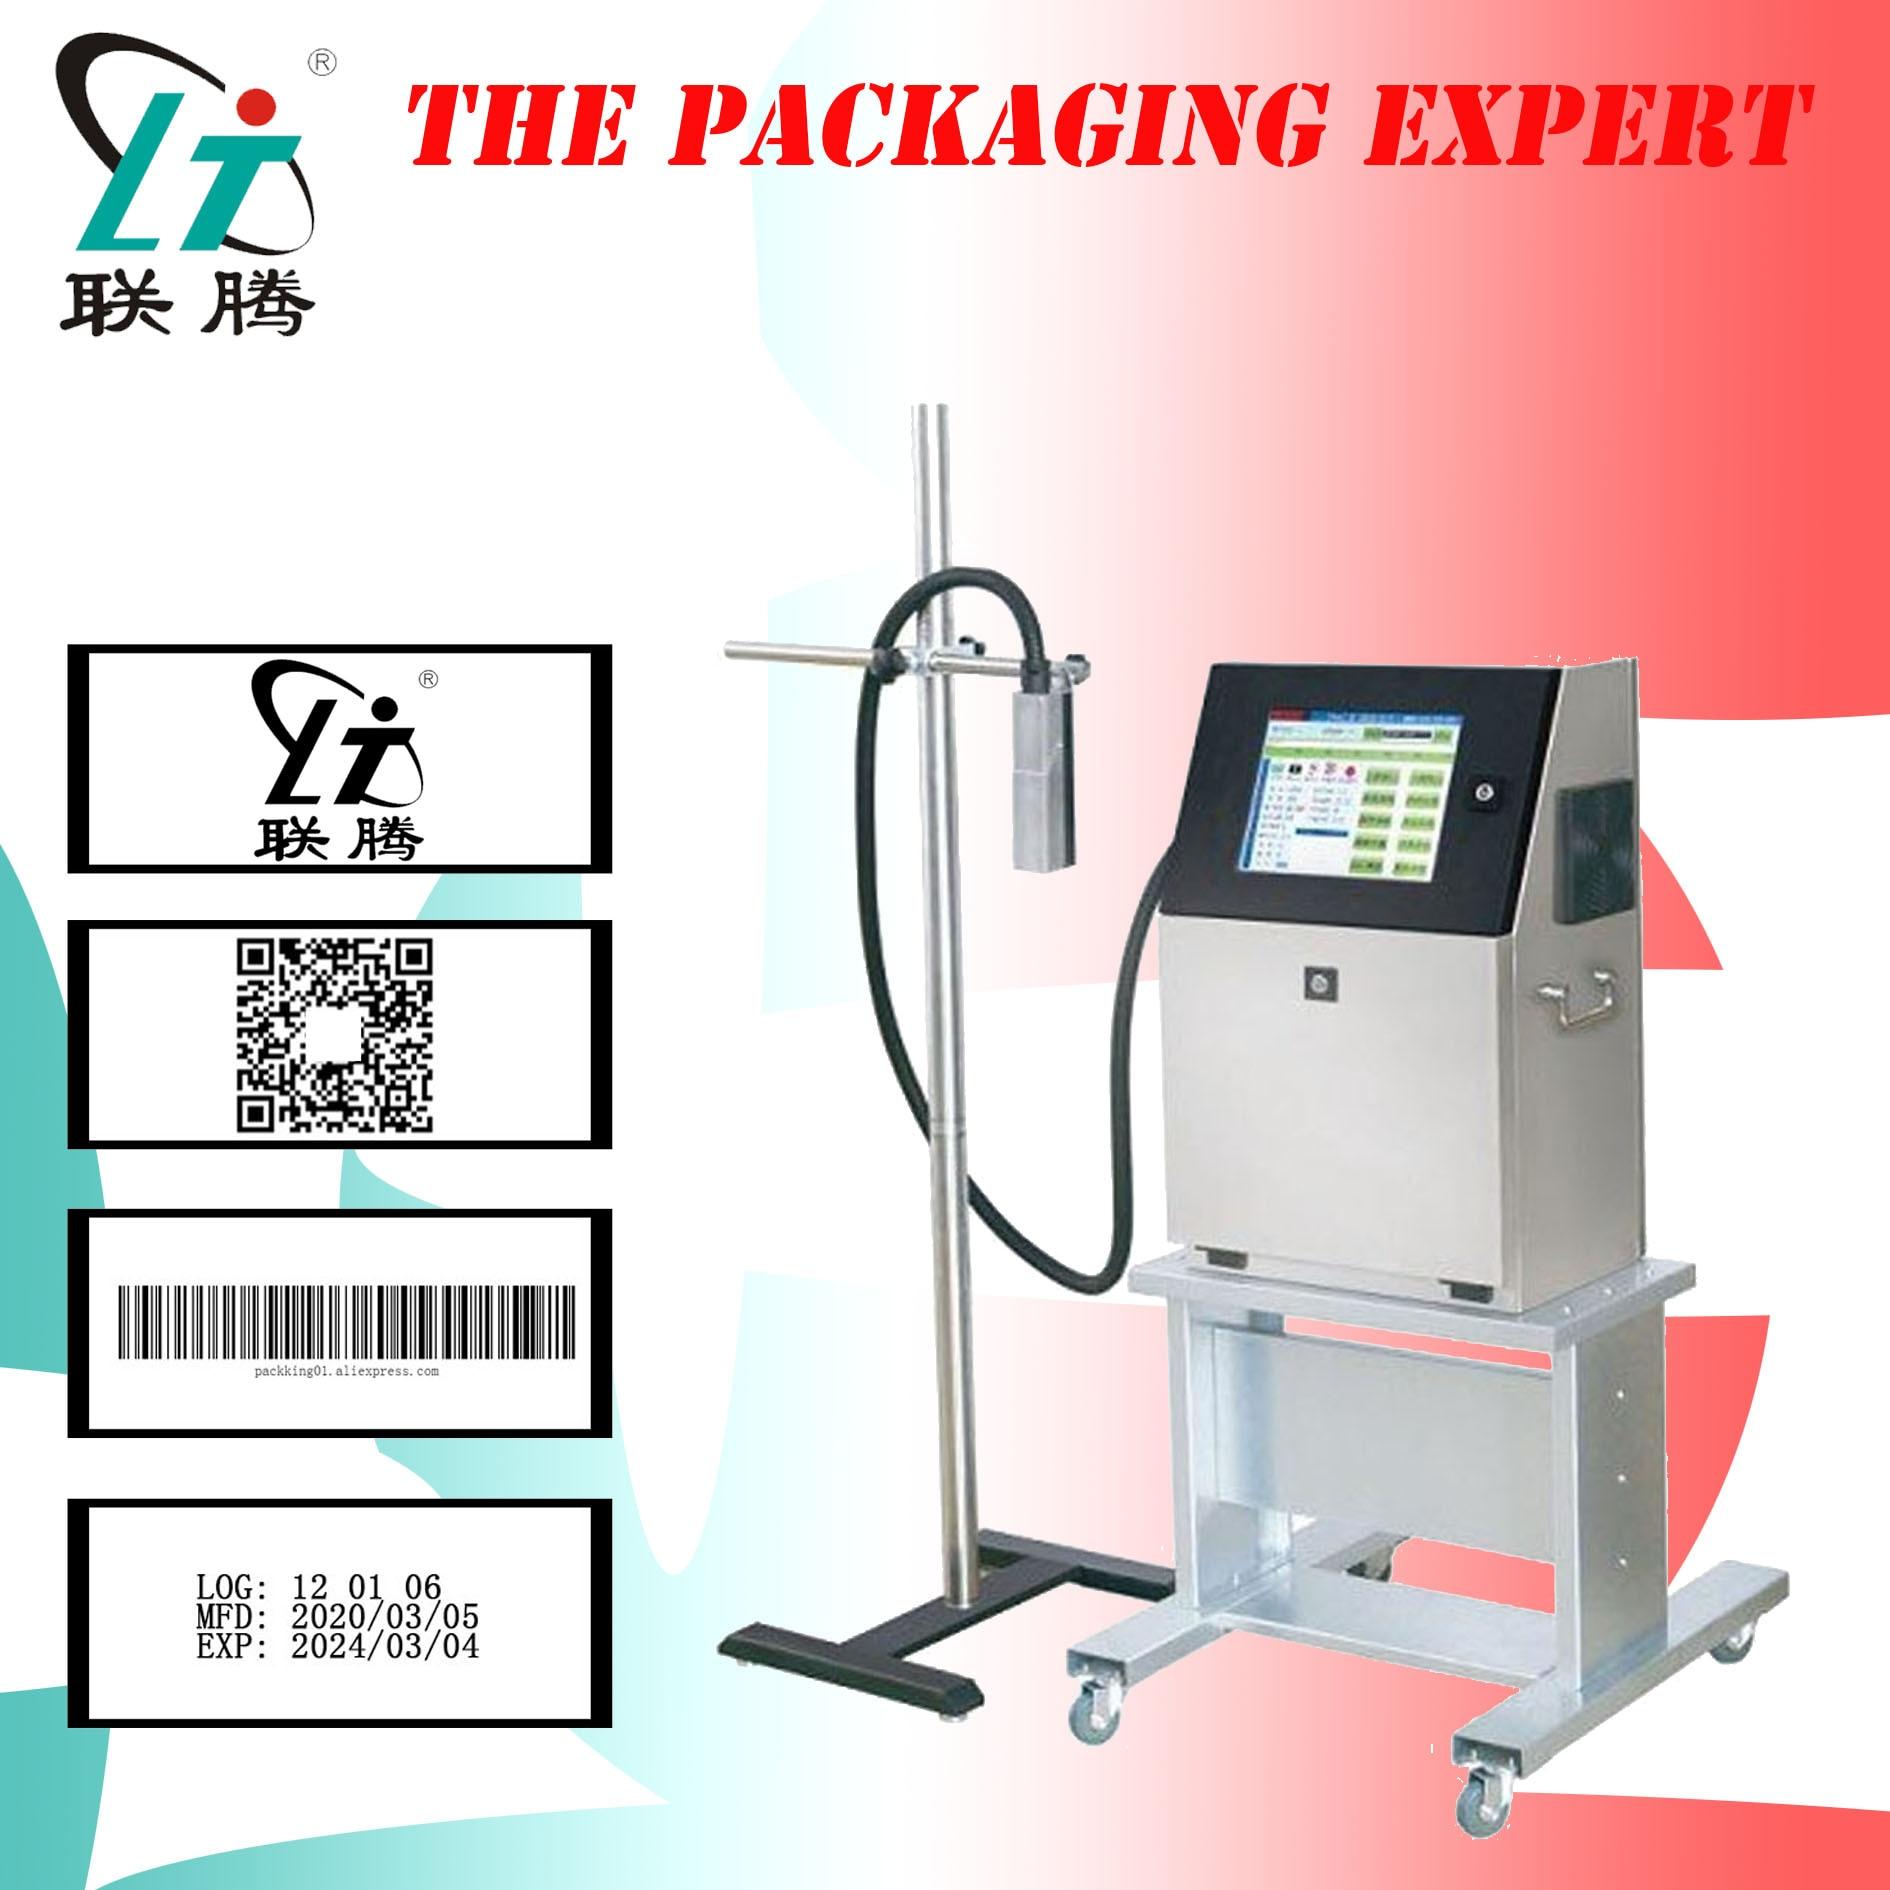 Impresora de inyección de tinta de impresora de inyección de tinta continua máquina de impresión por chorro código de barras Coder de código de barras diseño de logotipo solvente automático envío gratis